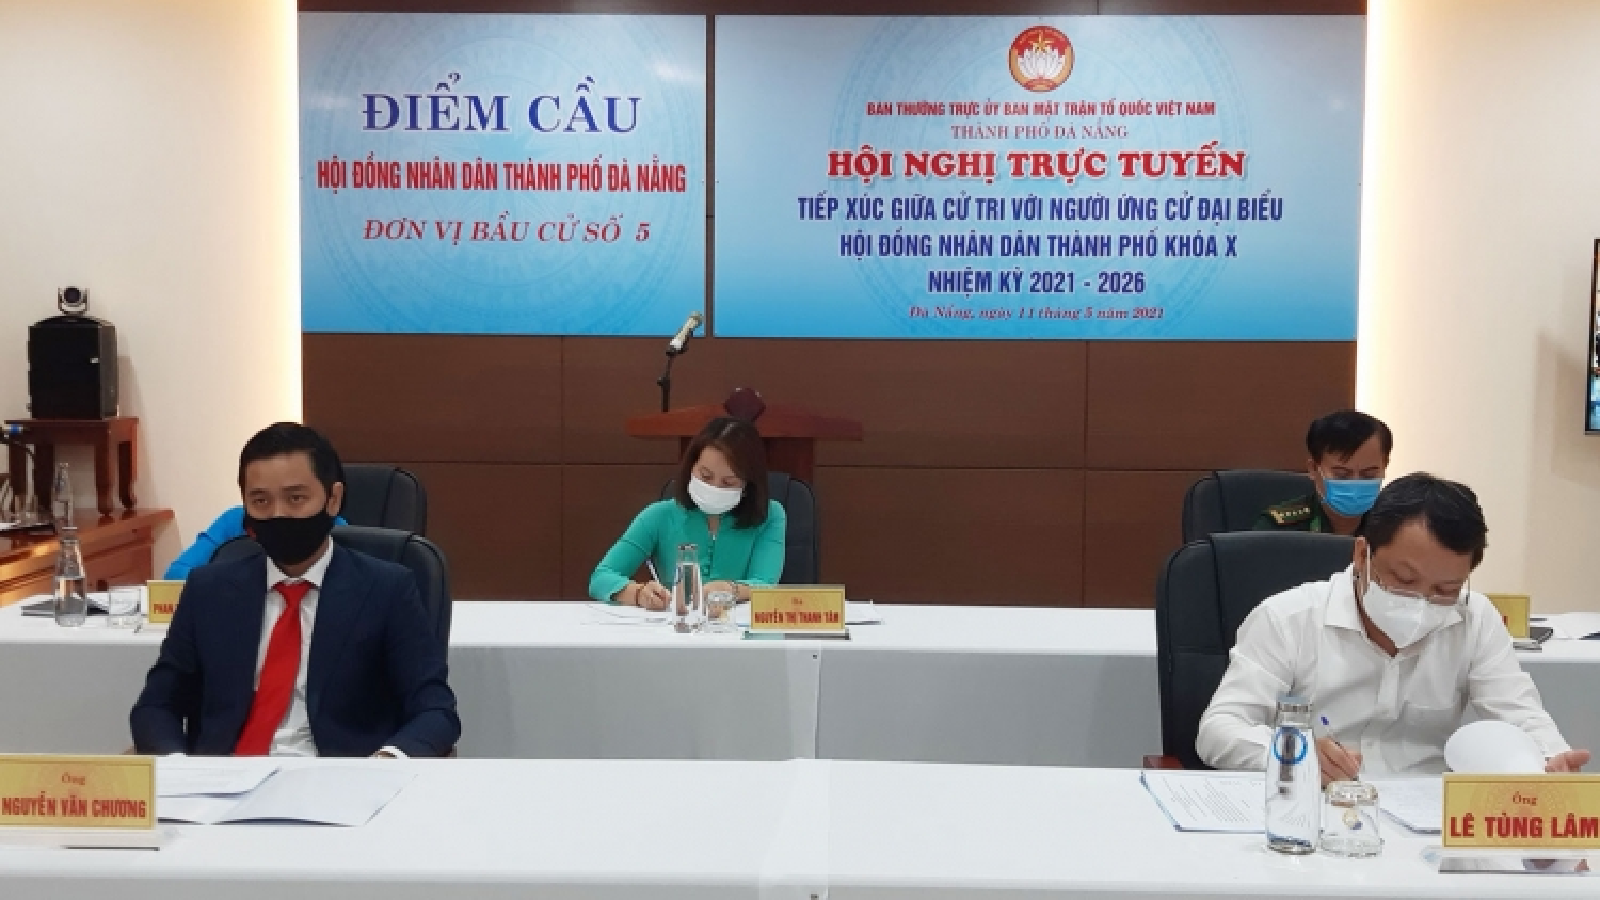 Ngày đầu tiên Đà Nẵng tổ chức tiếp xúc cử tri vận động bầu cử trực tuyến